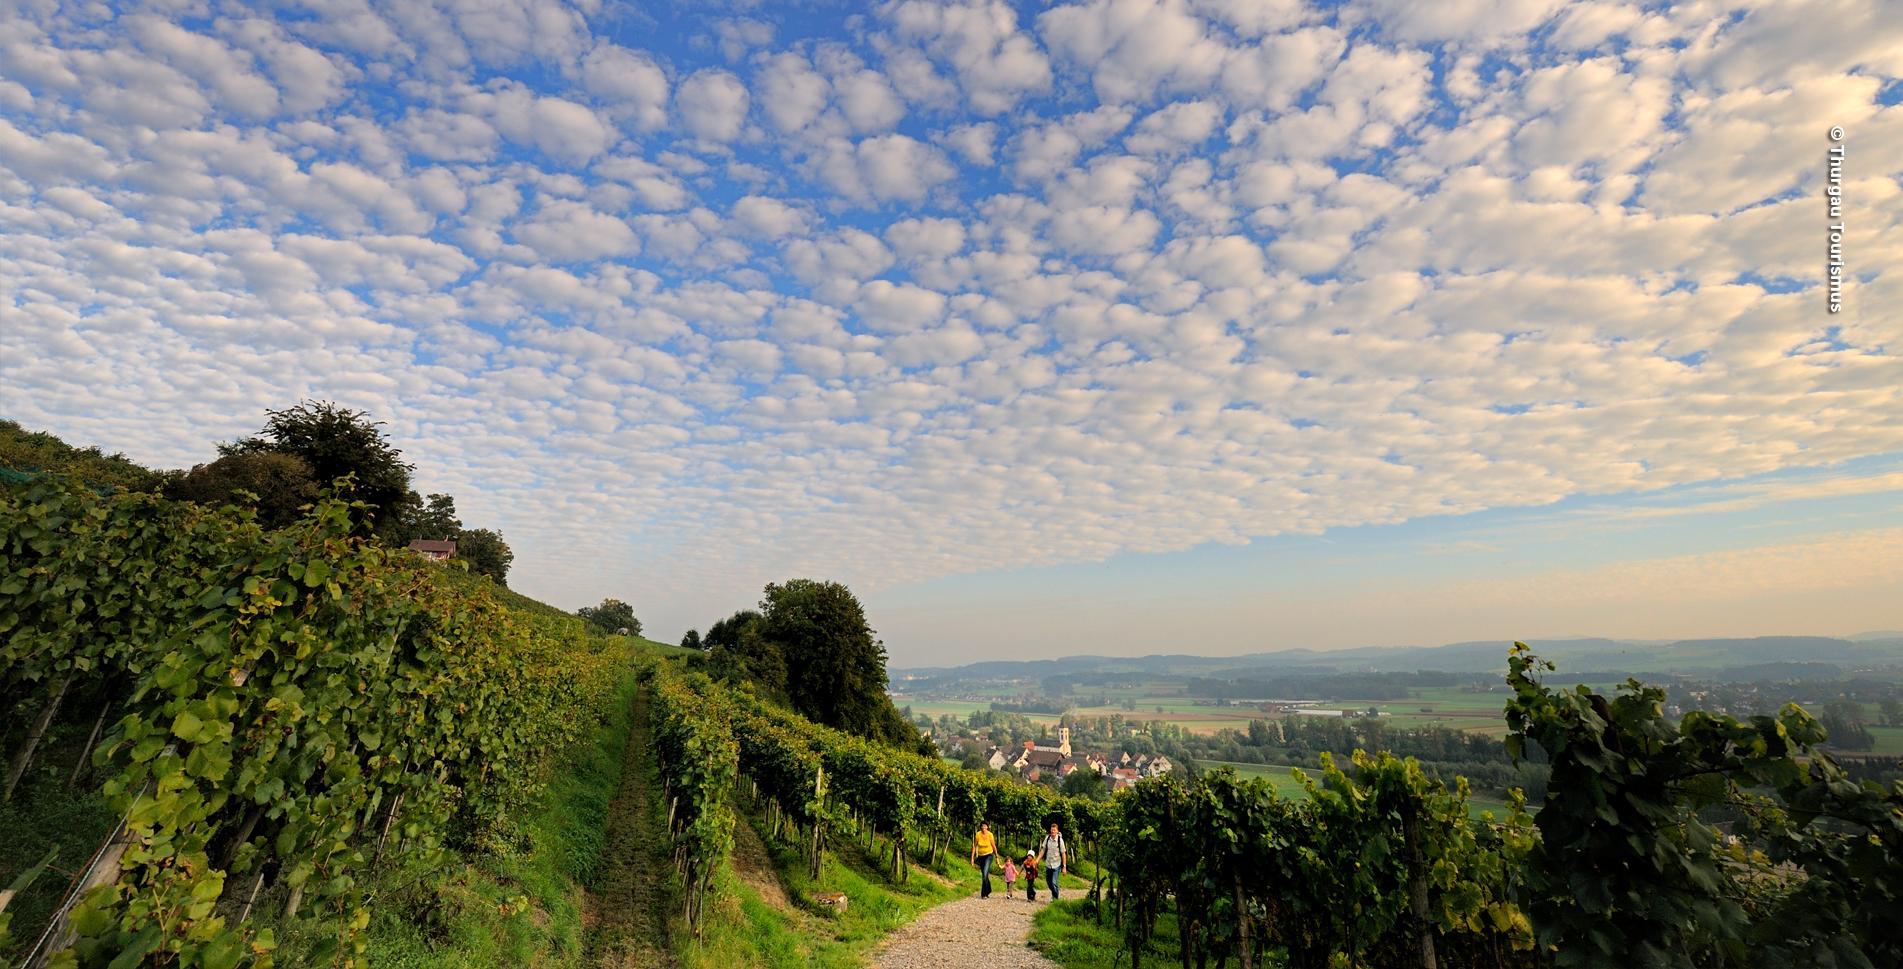 Wanderung auf dem Thurgauer Rebenweg von Oberneunforn via Iselisberg, Kartause Ittingen in Warth und weiter nach Frauenfeld